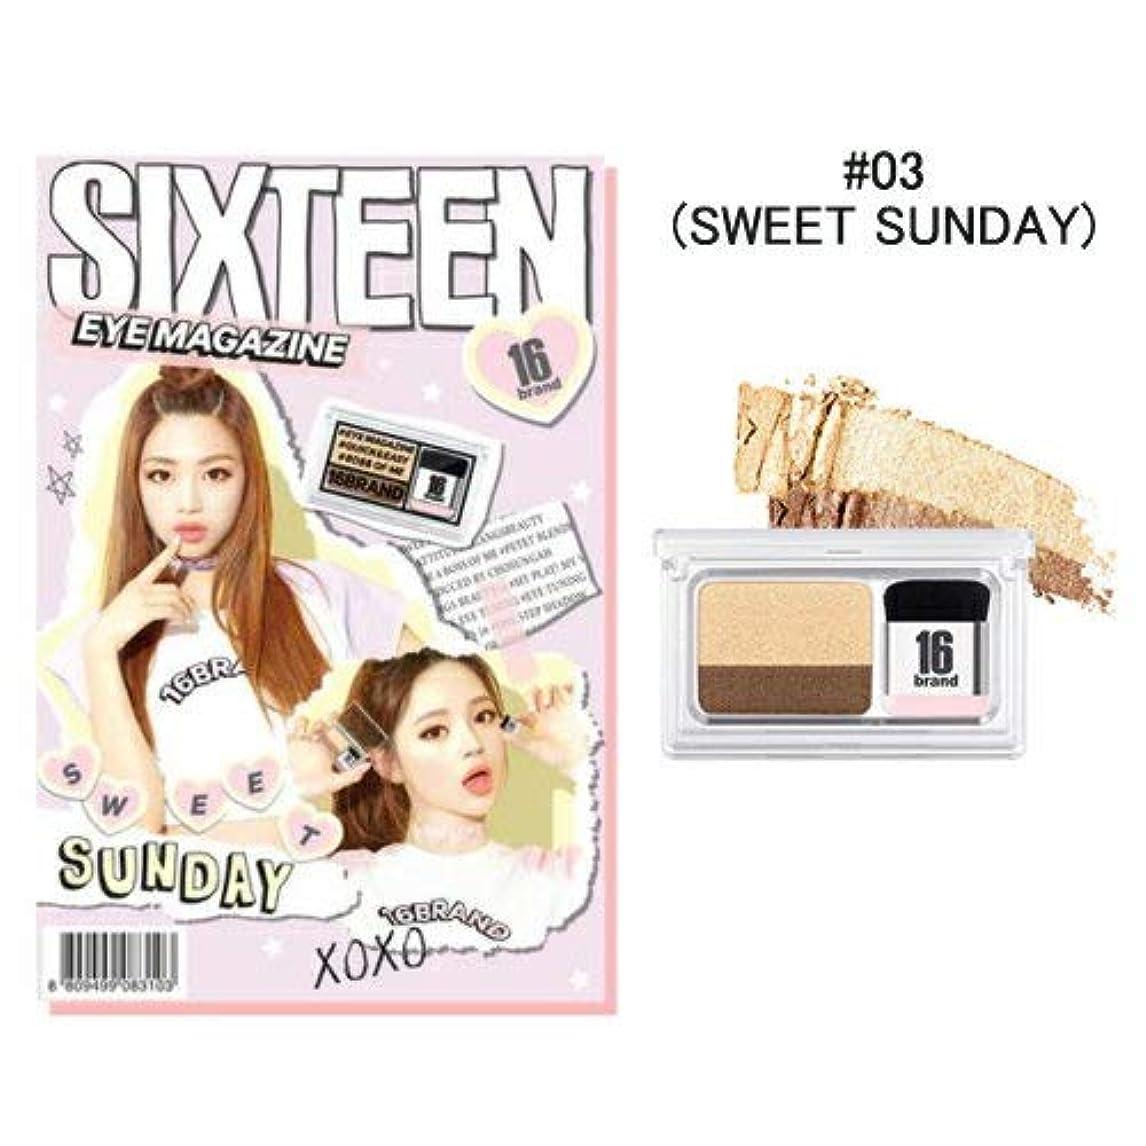 誤解を招くつまずくポット[New Color] 16brand Sixteen Eye Magazine 2g /16ブランド シックスティーン アイ マガジン 2g (#03 SWEET SUNDAY) [並行輸入品]